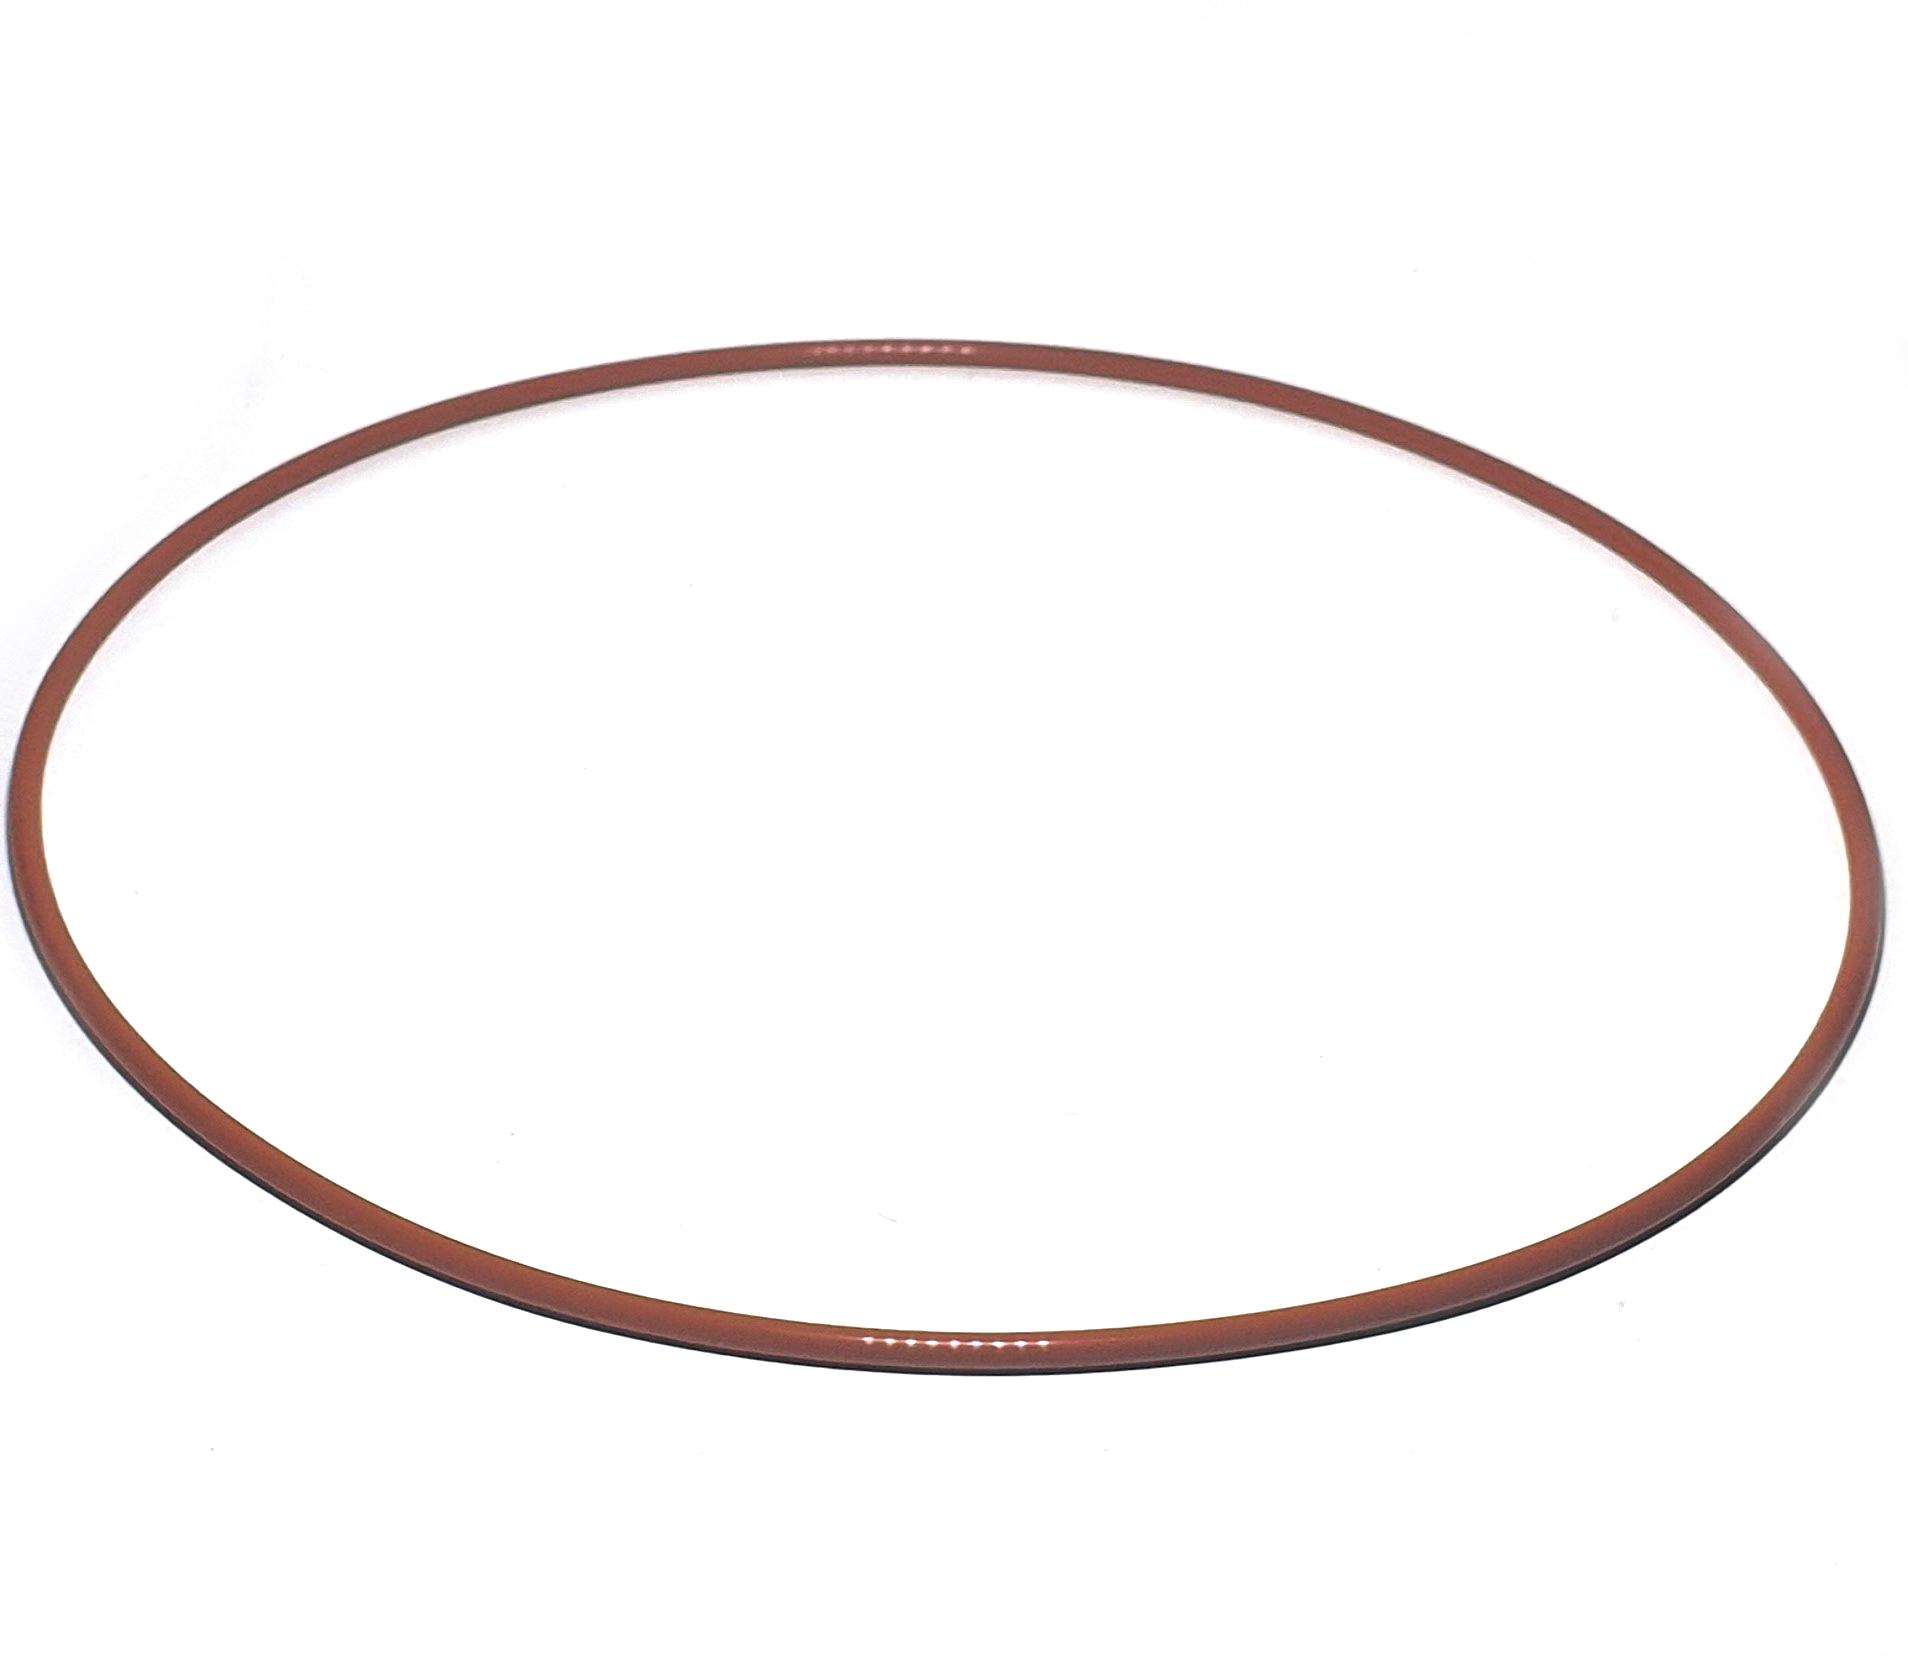 anel de ved camisa mitsubishi S16R-Y1PTA - pn 37507-32400